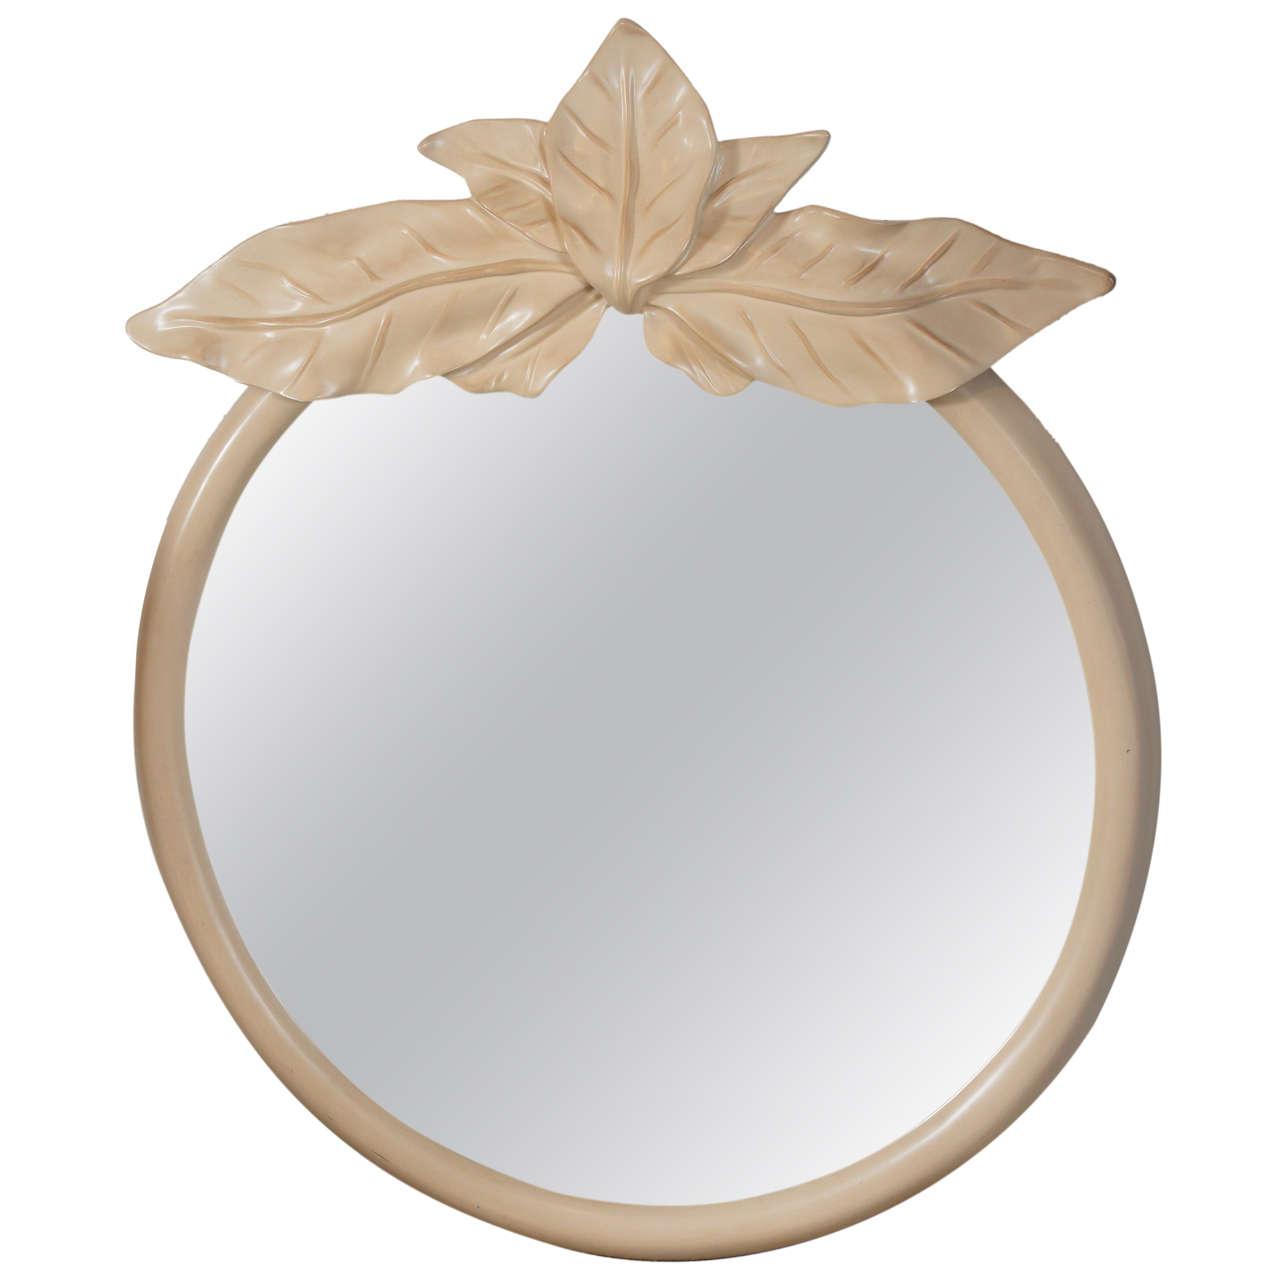 Circular Mirror with a Palm Leaf Motif